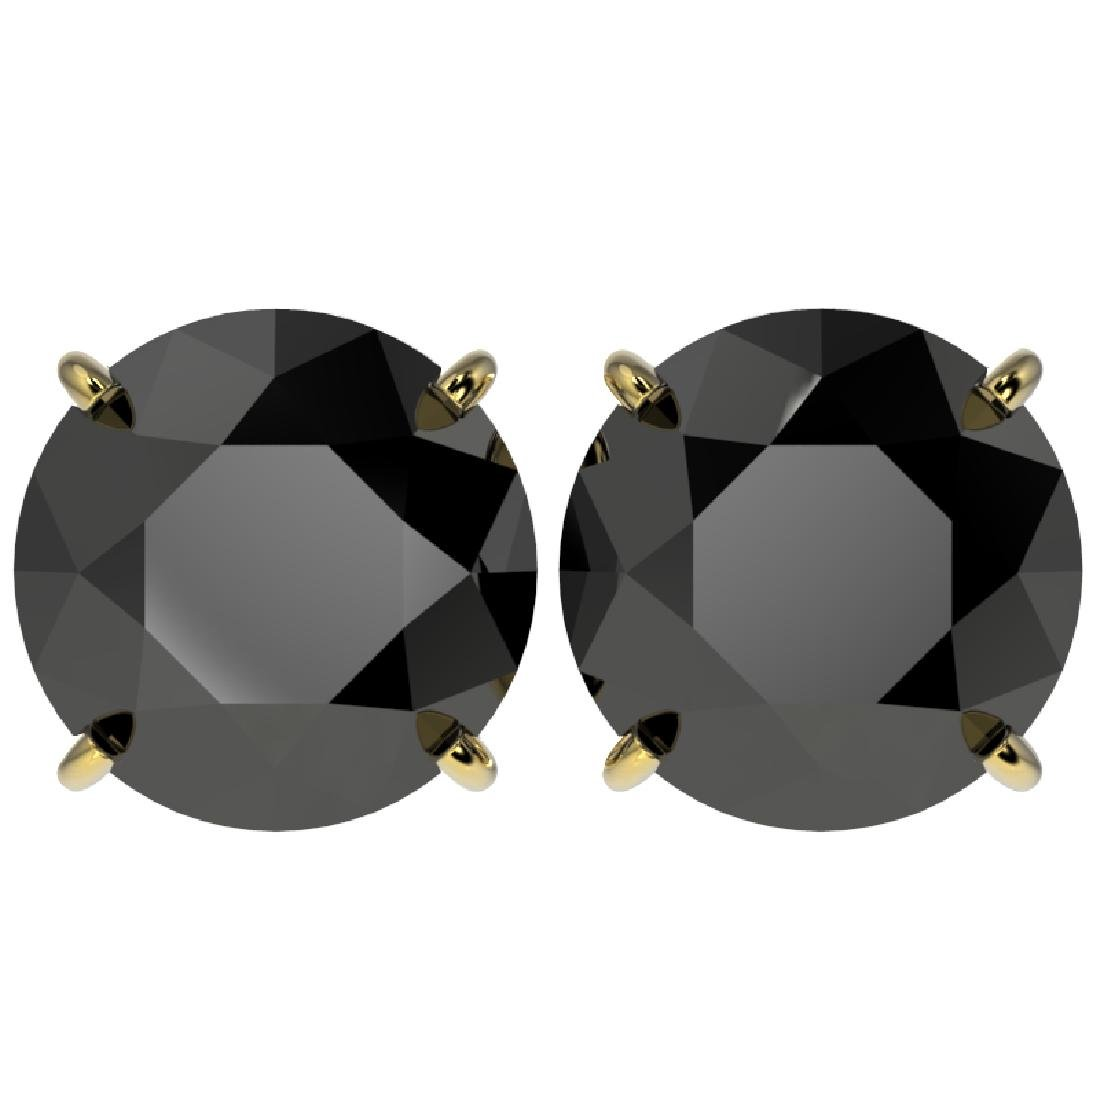 5 CTW Fancy Black VS Diamond Solitaire Stud Earrings